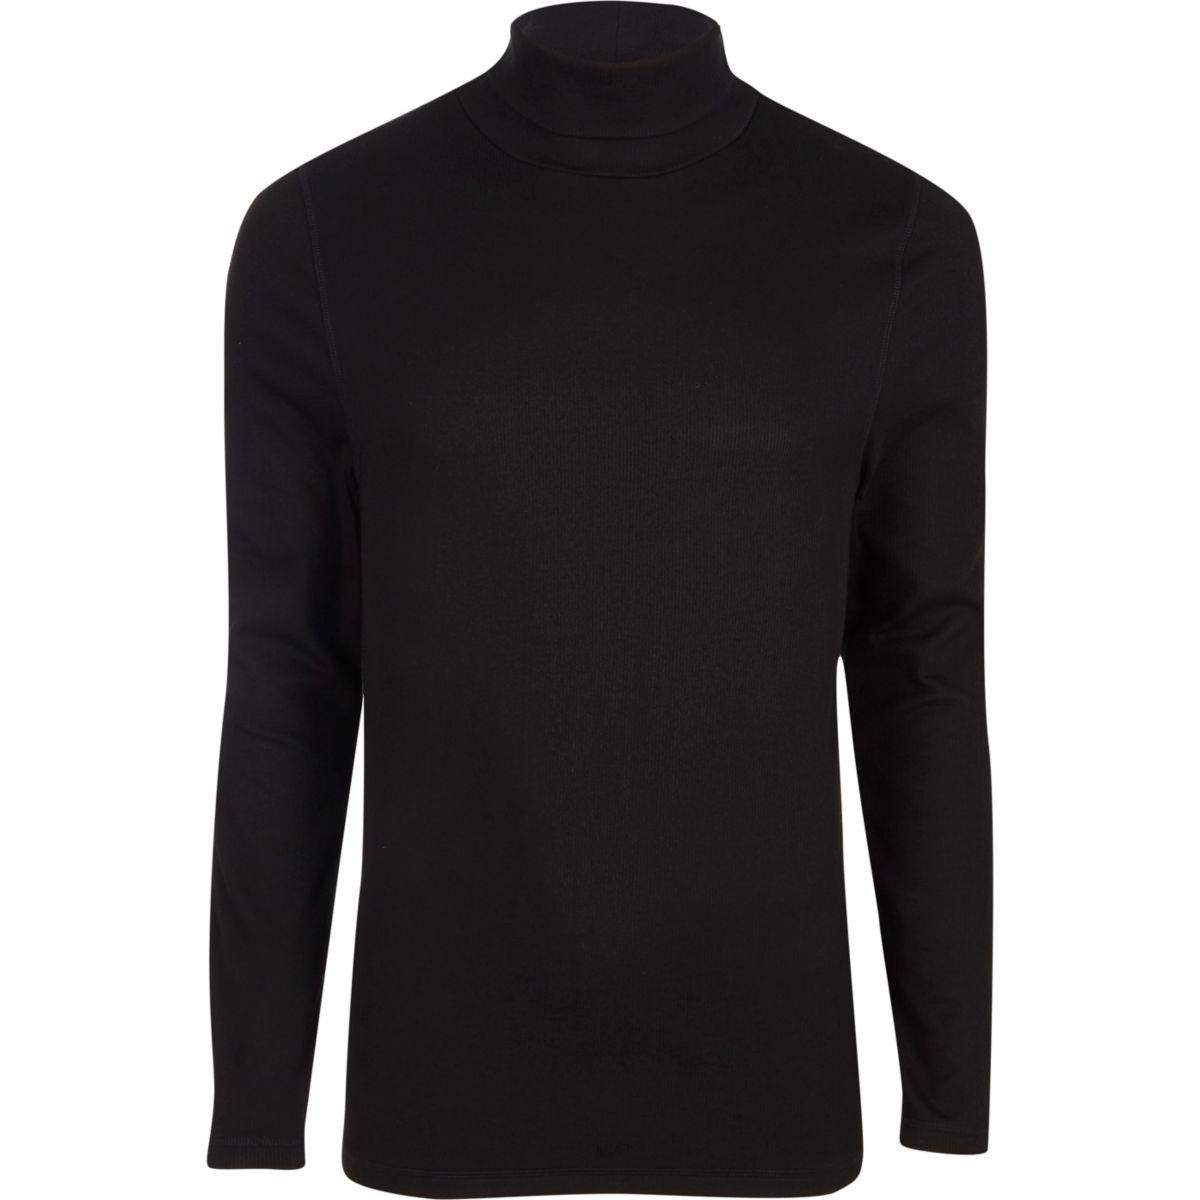 Schwarzes, langärmliges Slim Fit T-Shirt mit Rollkragen